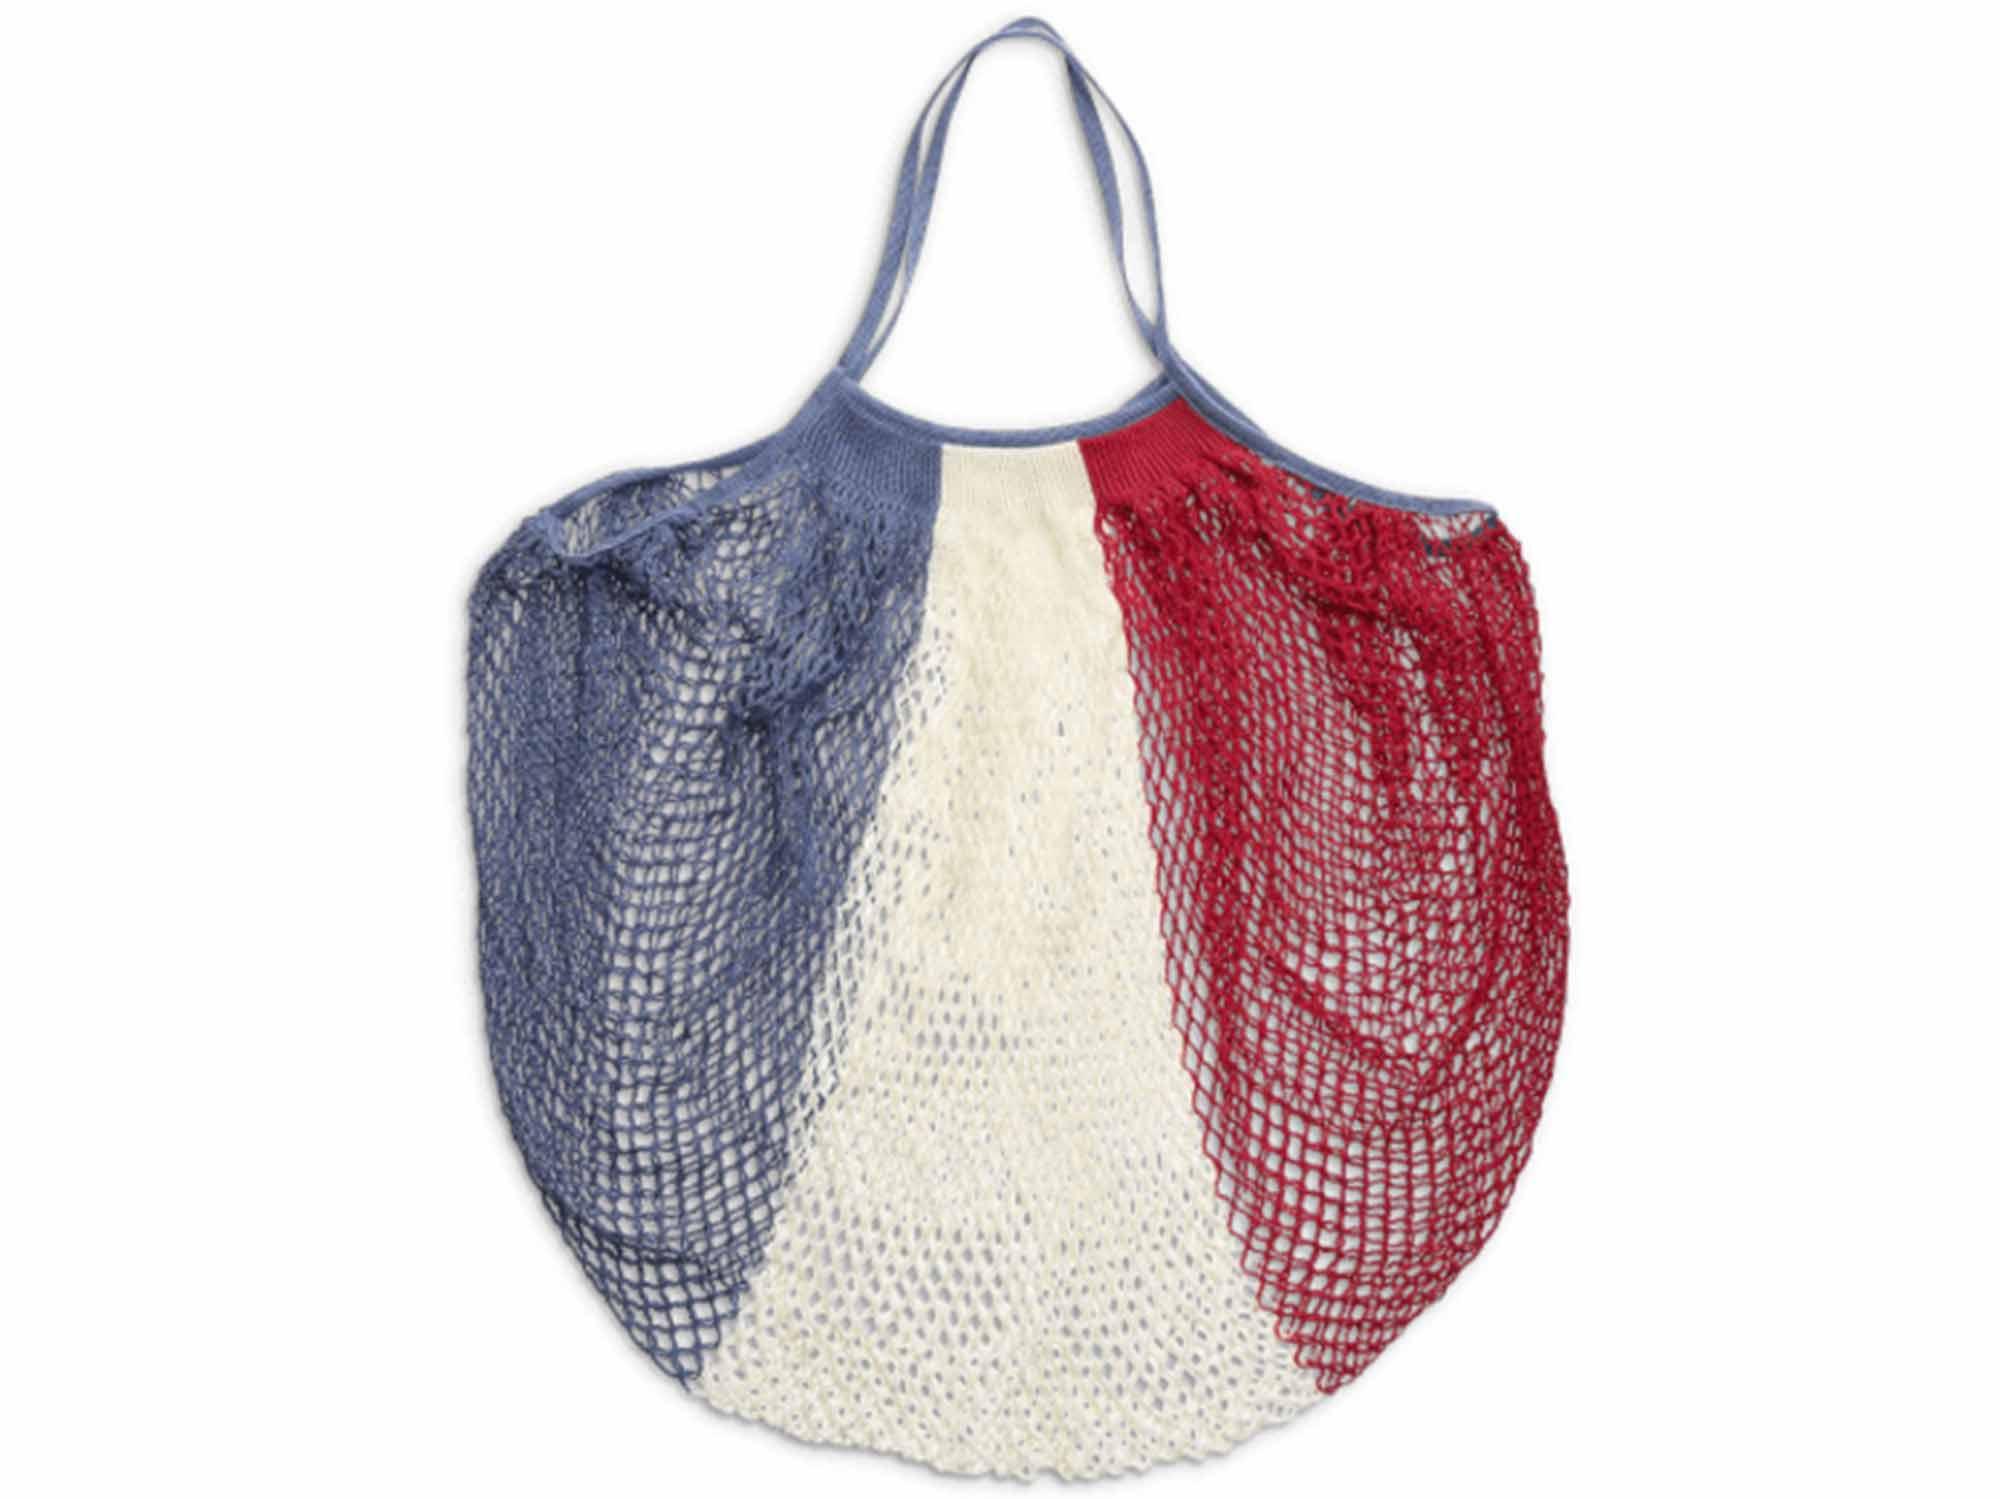 Paris mesh shopping bag